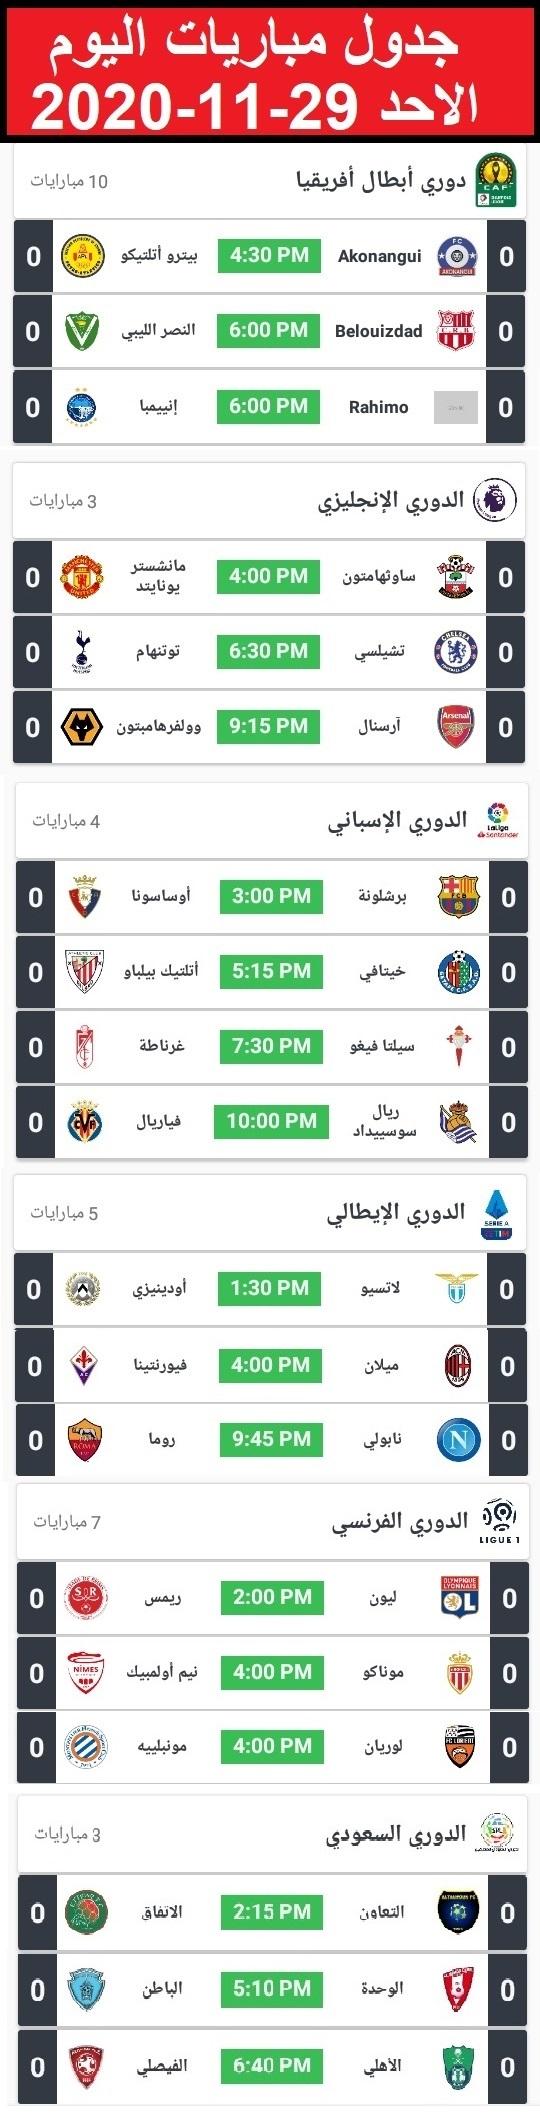 جدول أهم مباريات اليوم الاحد 29-11-2020